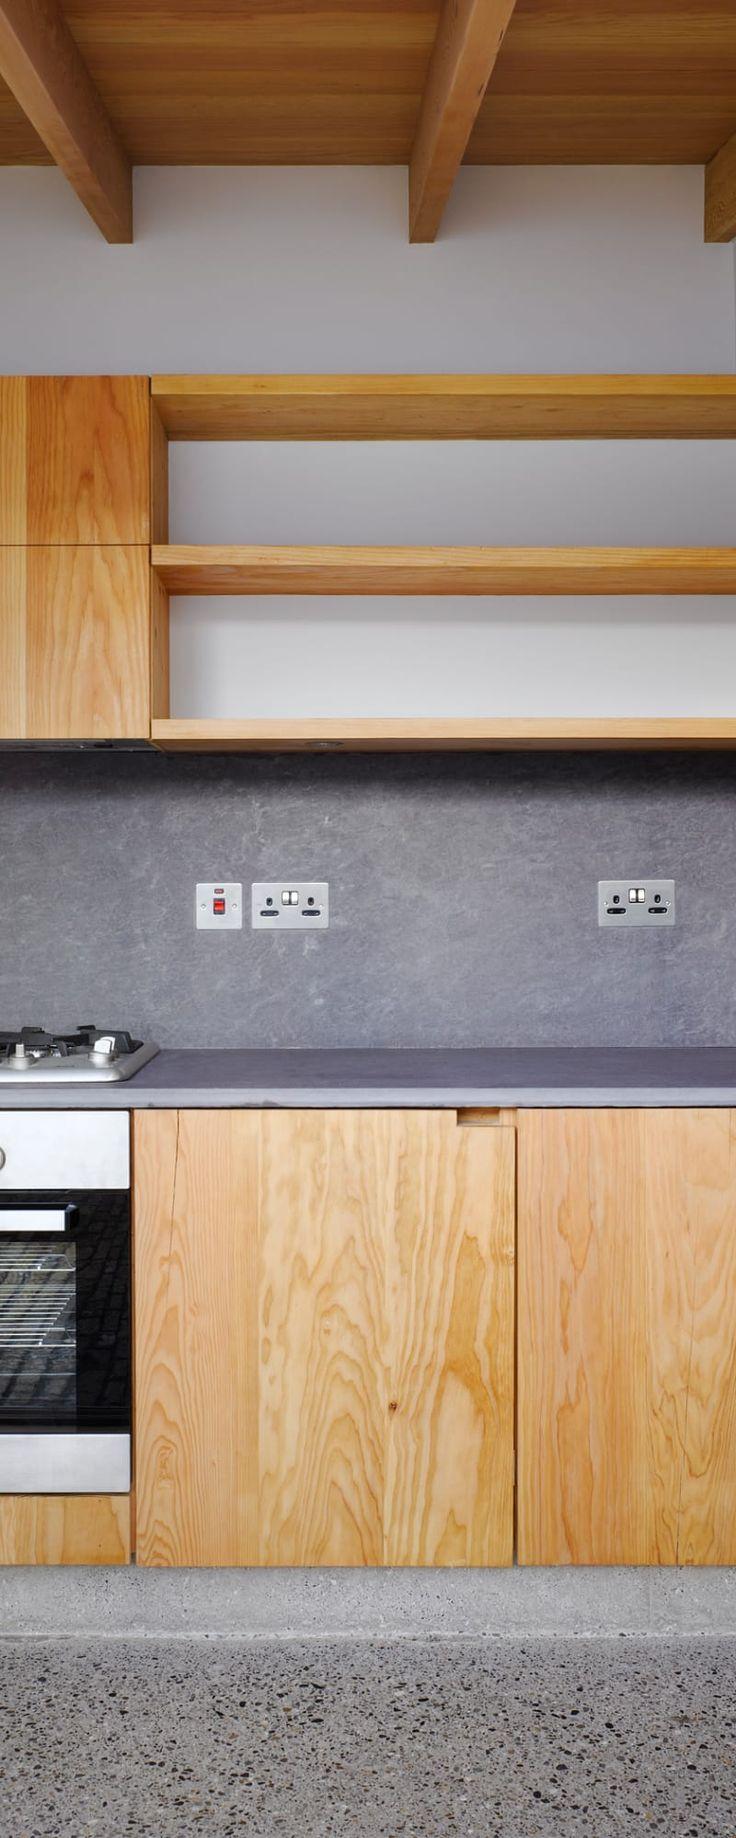 porta küchenplaner galerie bild der dcdfdebfcff jpg